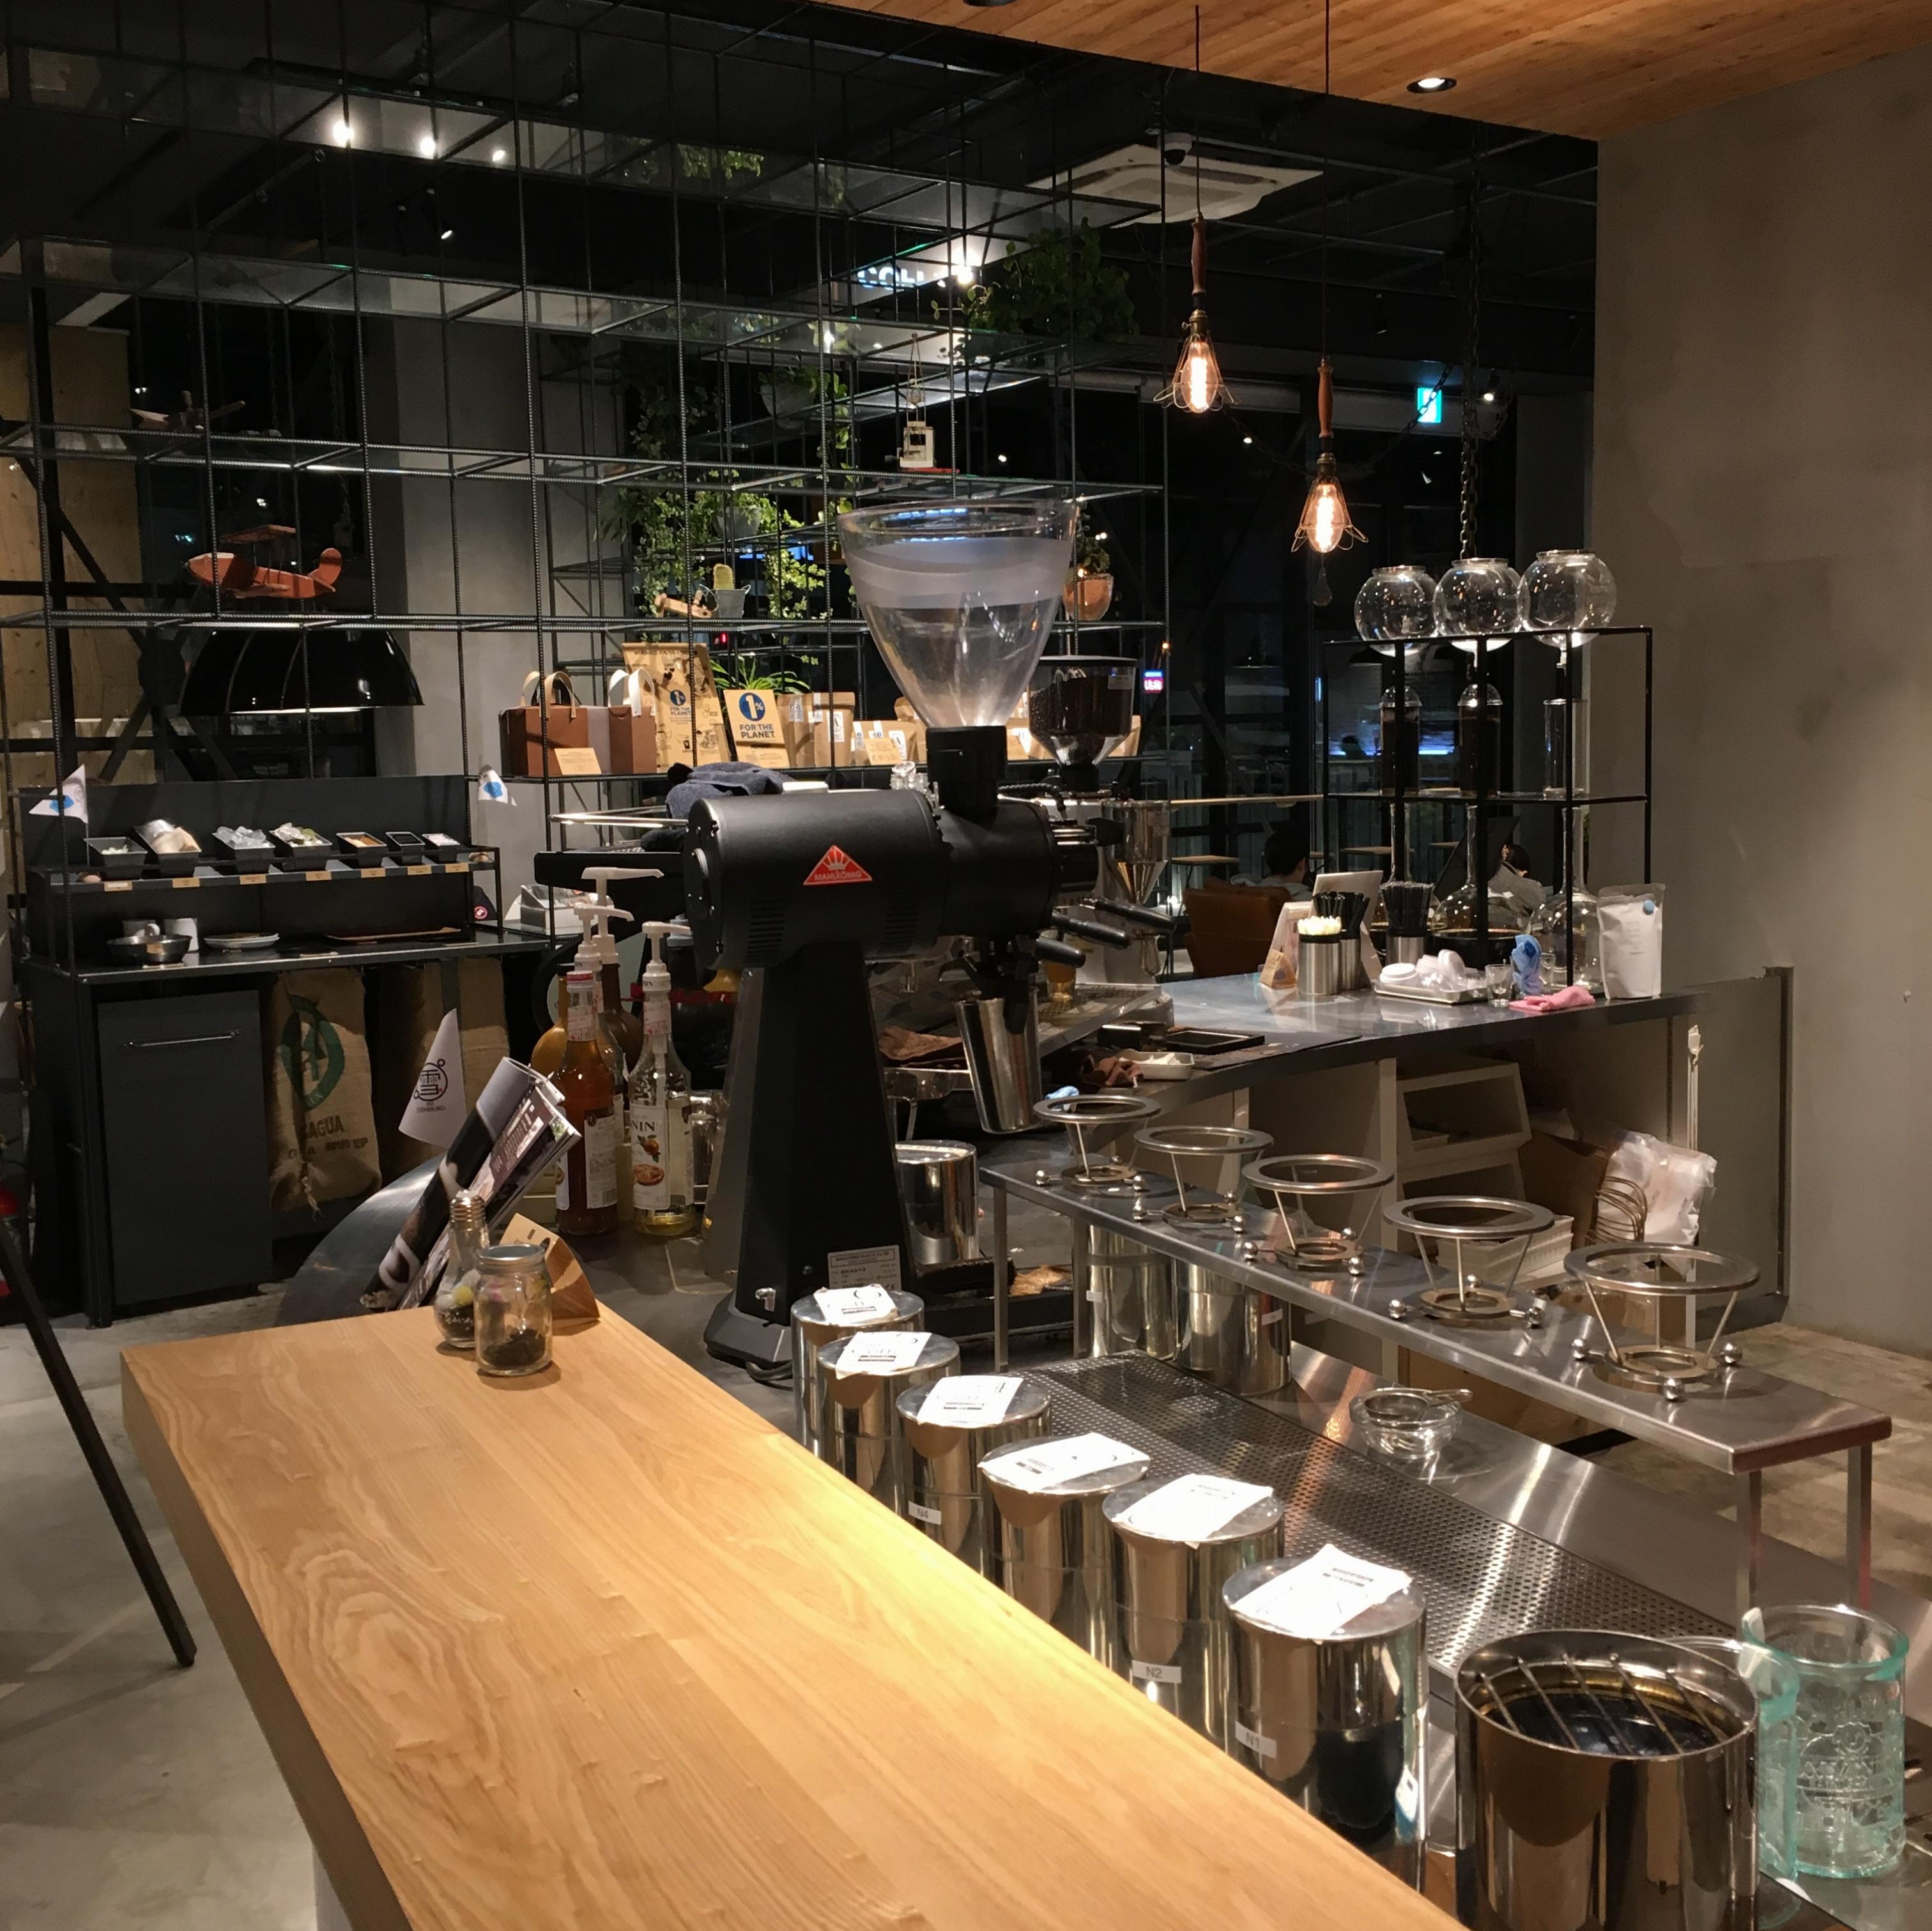 北国だからこそ味わえる♡北海道のコーヒーといえば【MORIHICO Coffe】でこだわりの一杯を♡_2_1